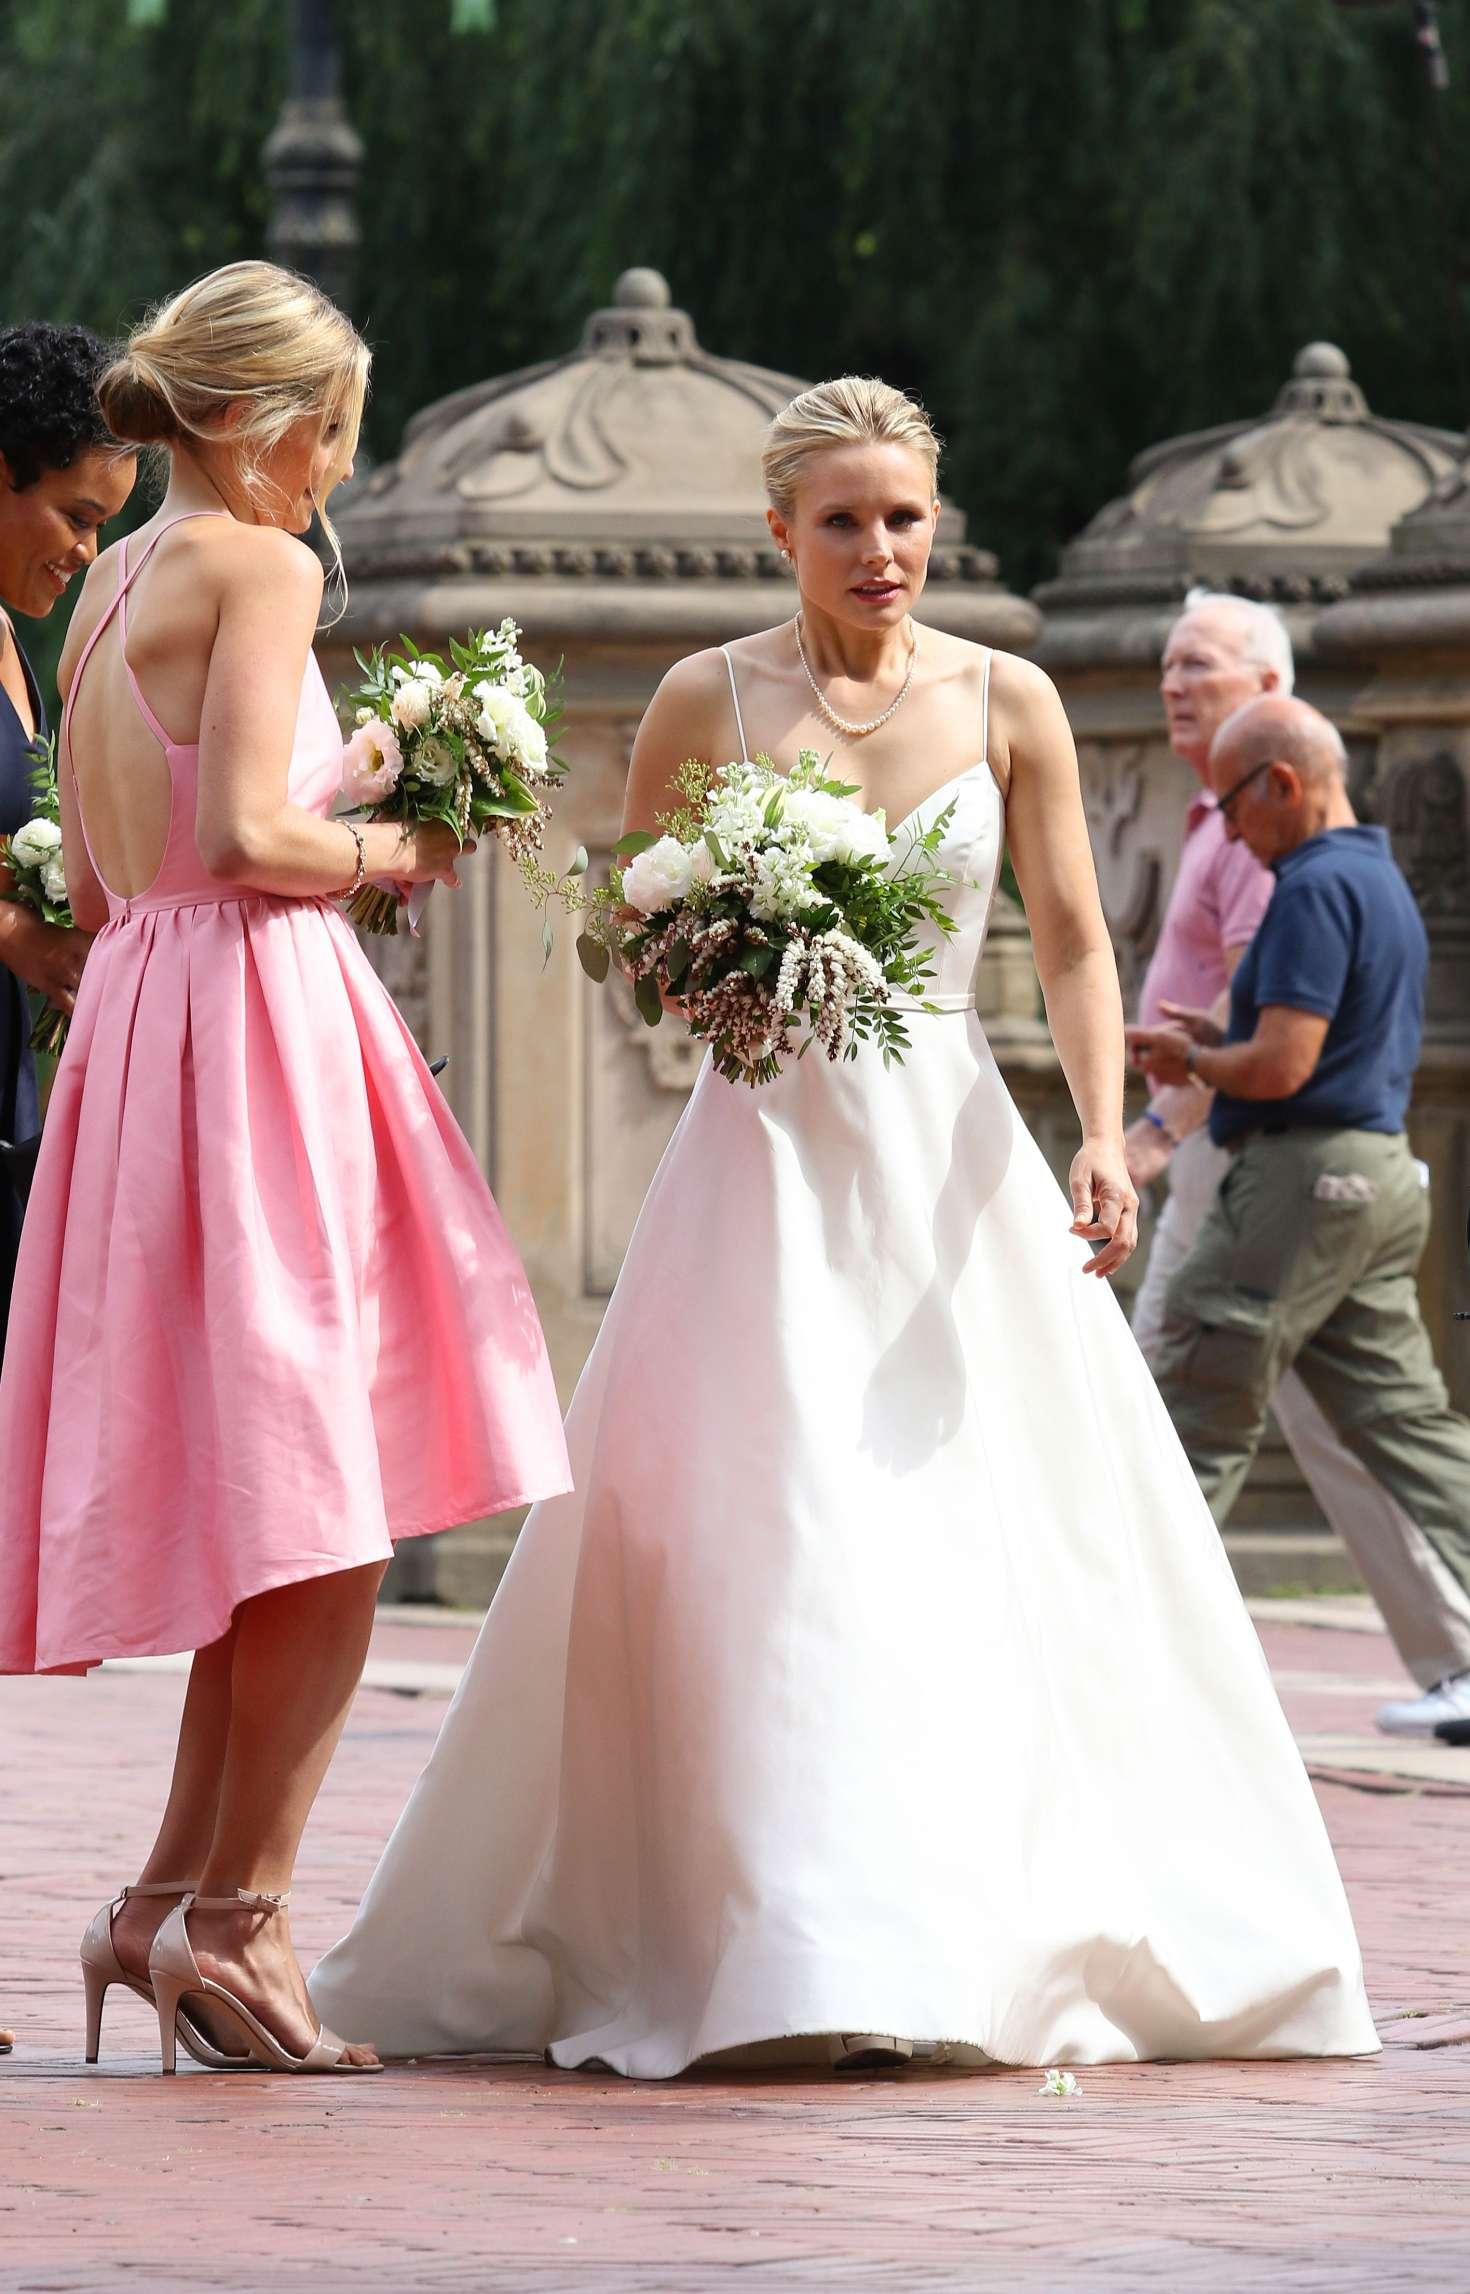 Kristen Bell Dons A Wedding Dress Filming Like Father 48 Gotceleb